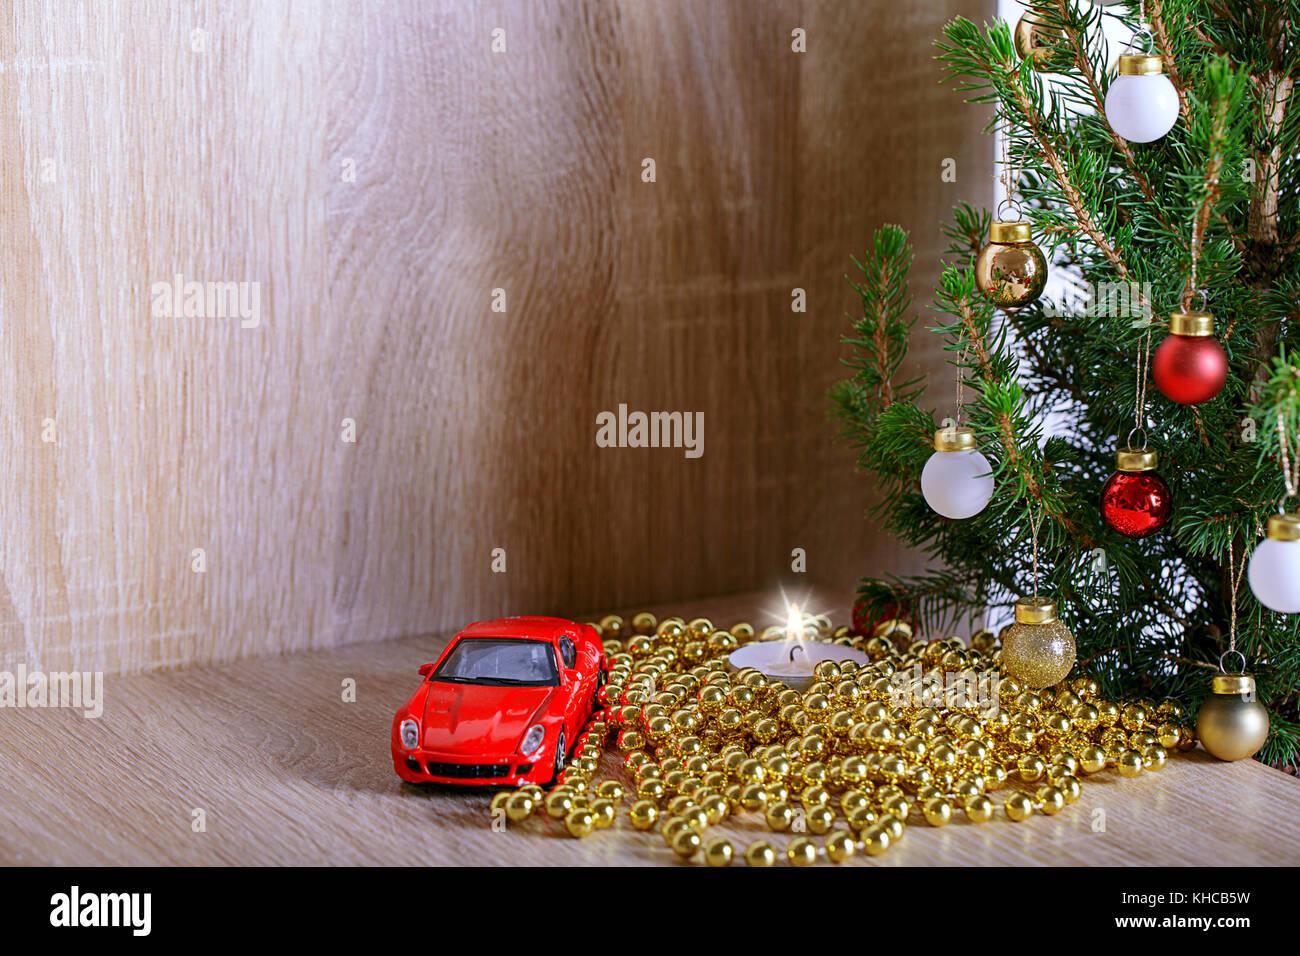 Car Christmas Tree Stock Photos & Car Christmas Tree Stock